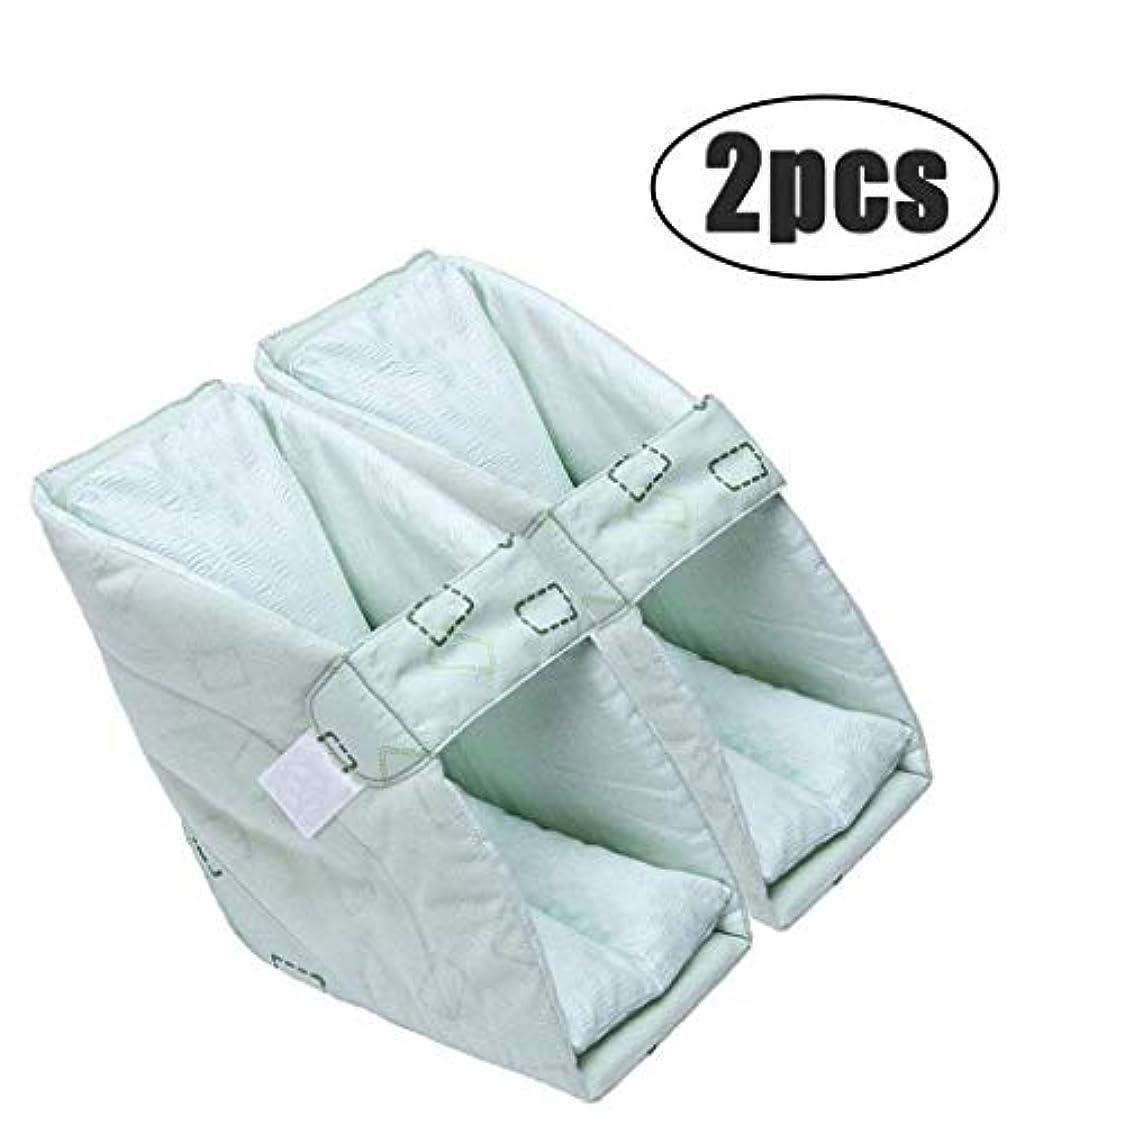 クリーク変形常習的TONGSH 足の枕、かかとのプロテクター、かかとのクッション、かかとの保護、効果的なPressure瘡およびかかとの潰瘍の救済、腫れた足に最適、快適なかかとの保護の足の枕 (Size : 2pcs)